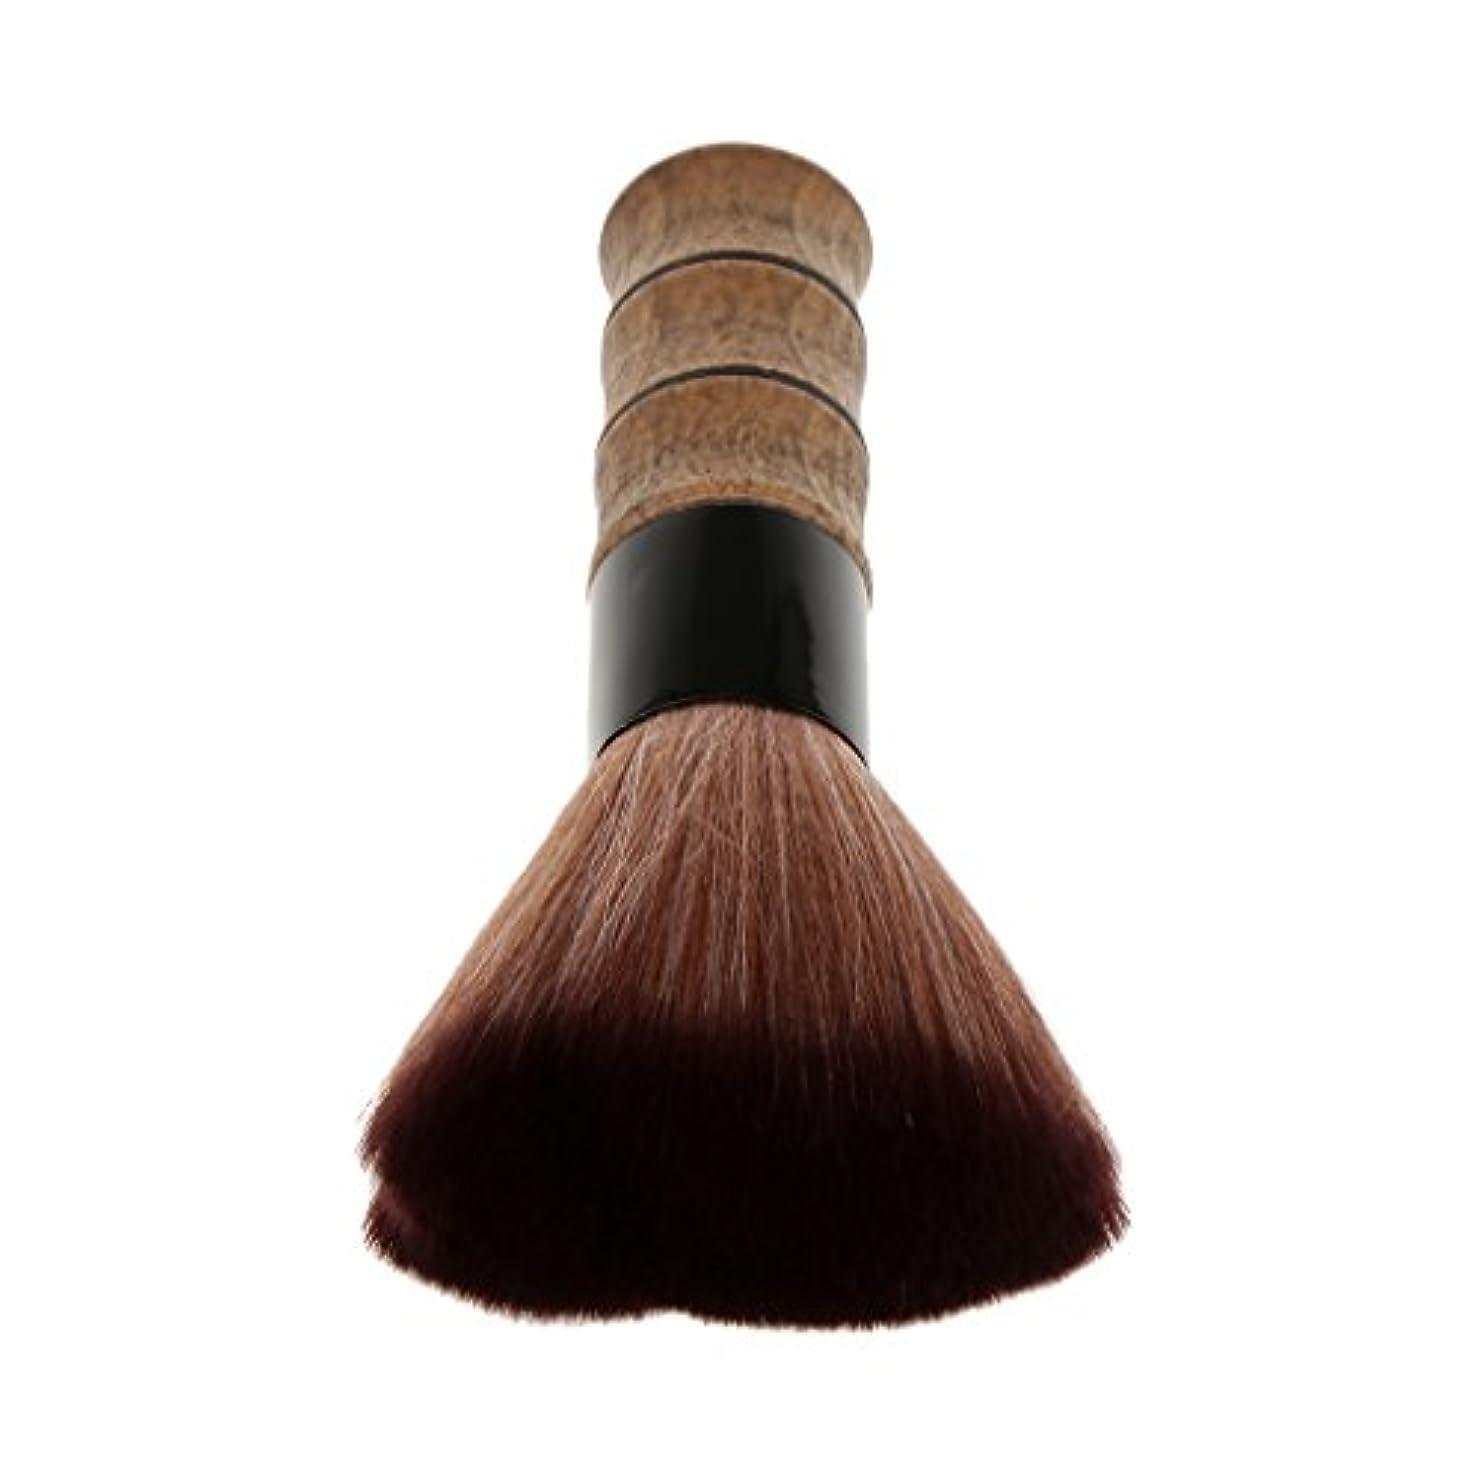 効果的にスケジュールドローHomyl メイクブラシ シェービングブラシ 超柔らかい 繊維 木製ハンドル 泡立ち 快適 洗顔 プレゼント 2色選べる  - 褐色